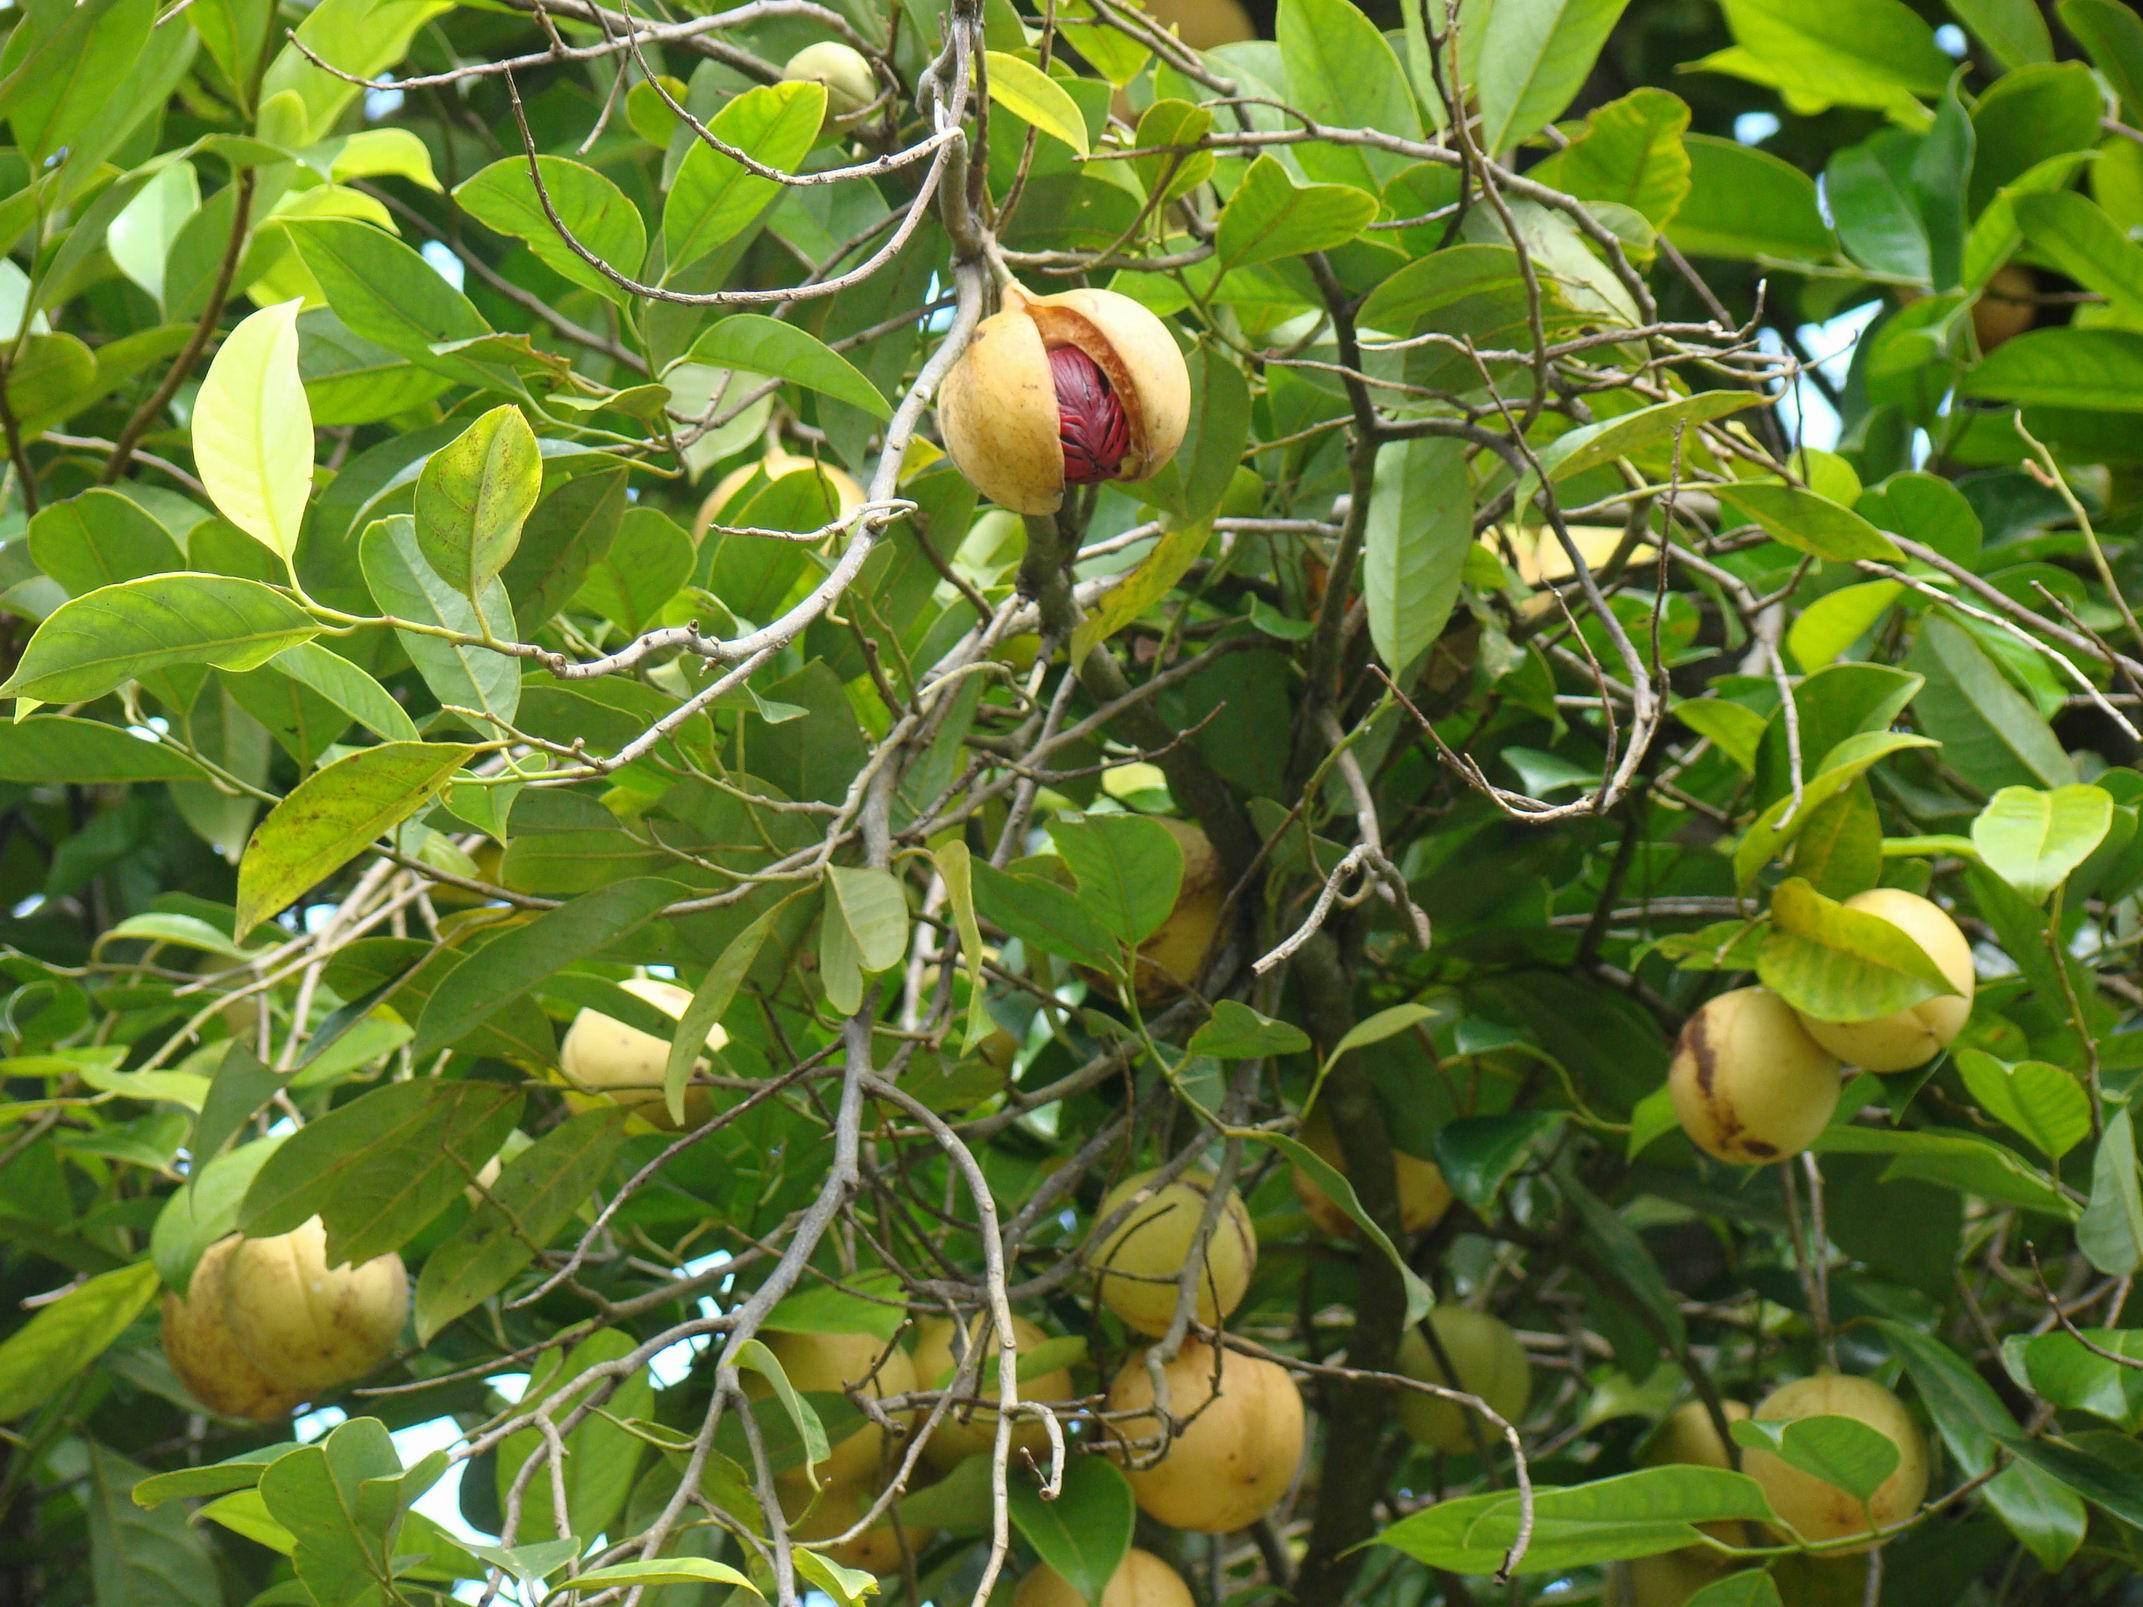 Nutmeg flower